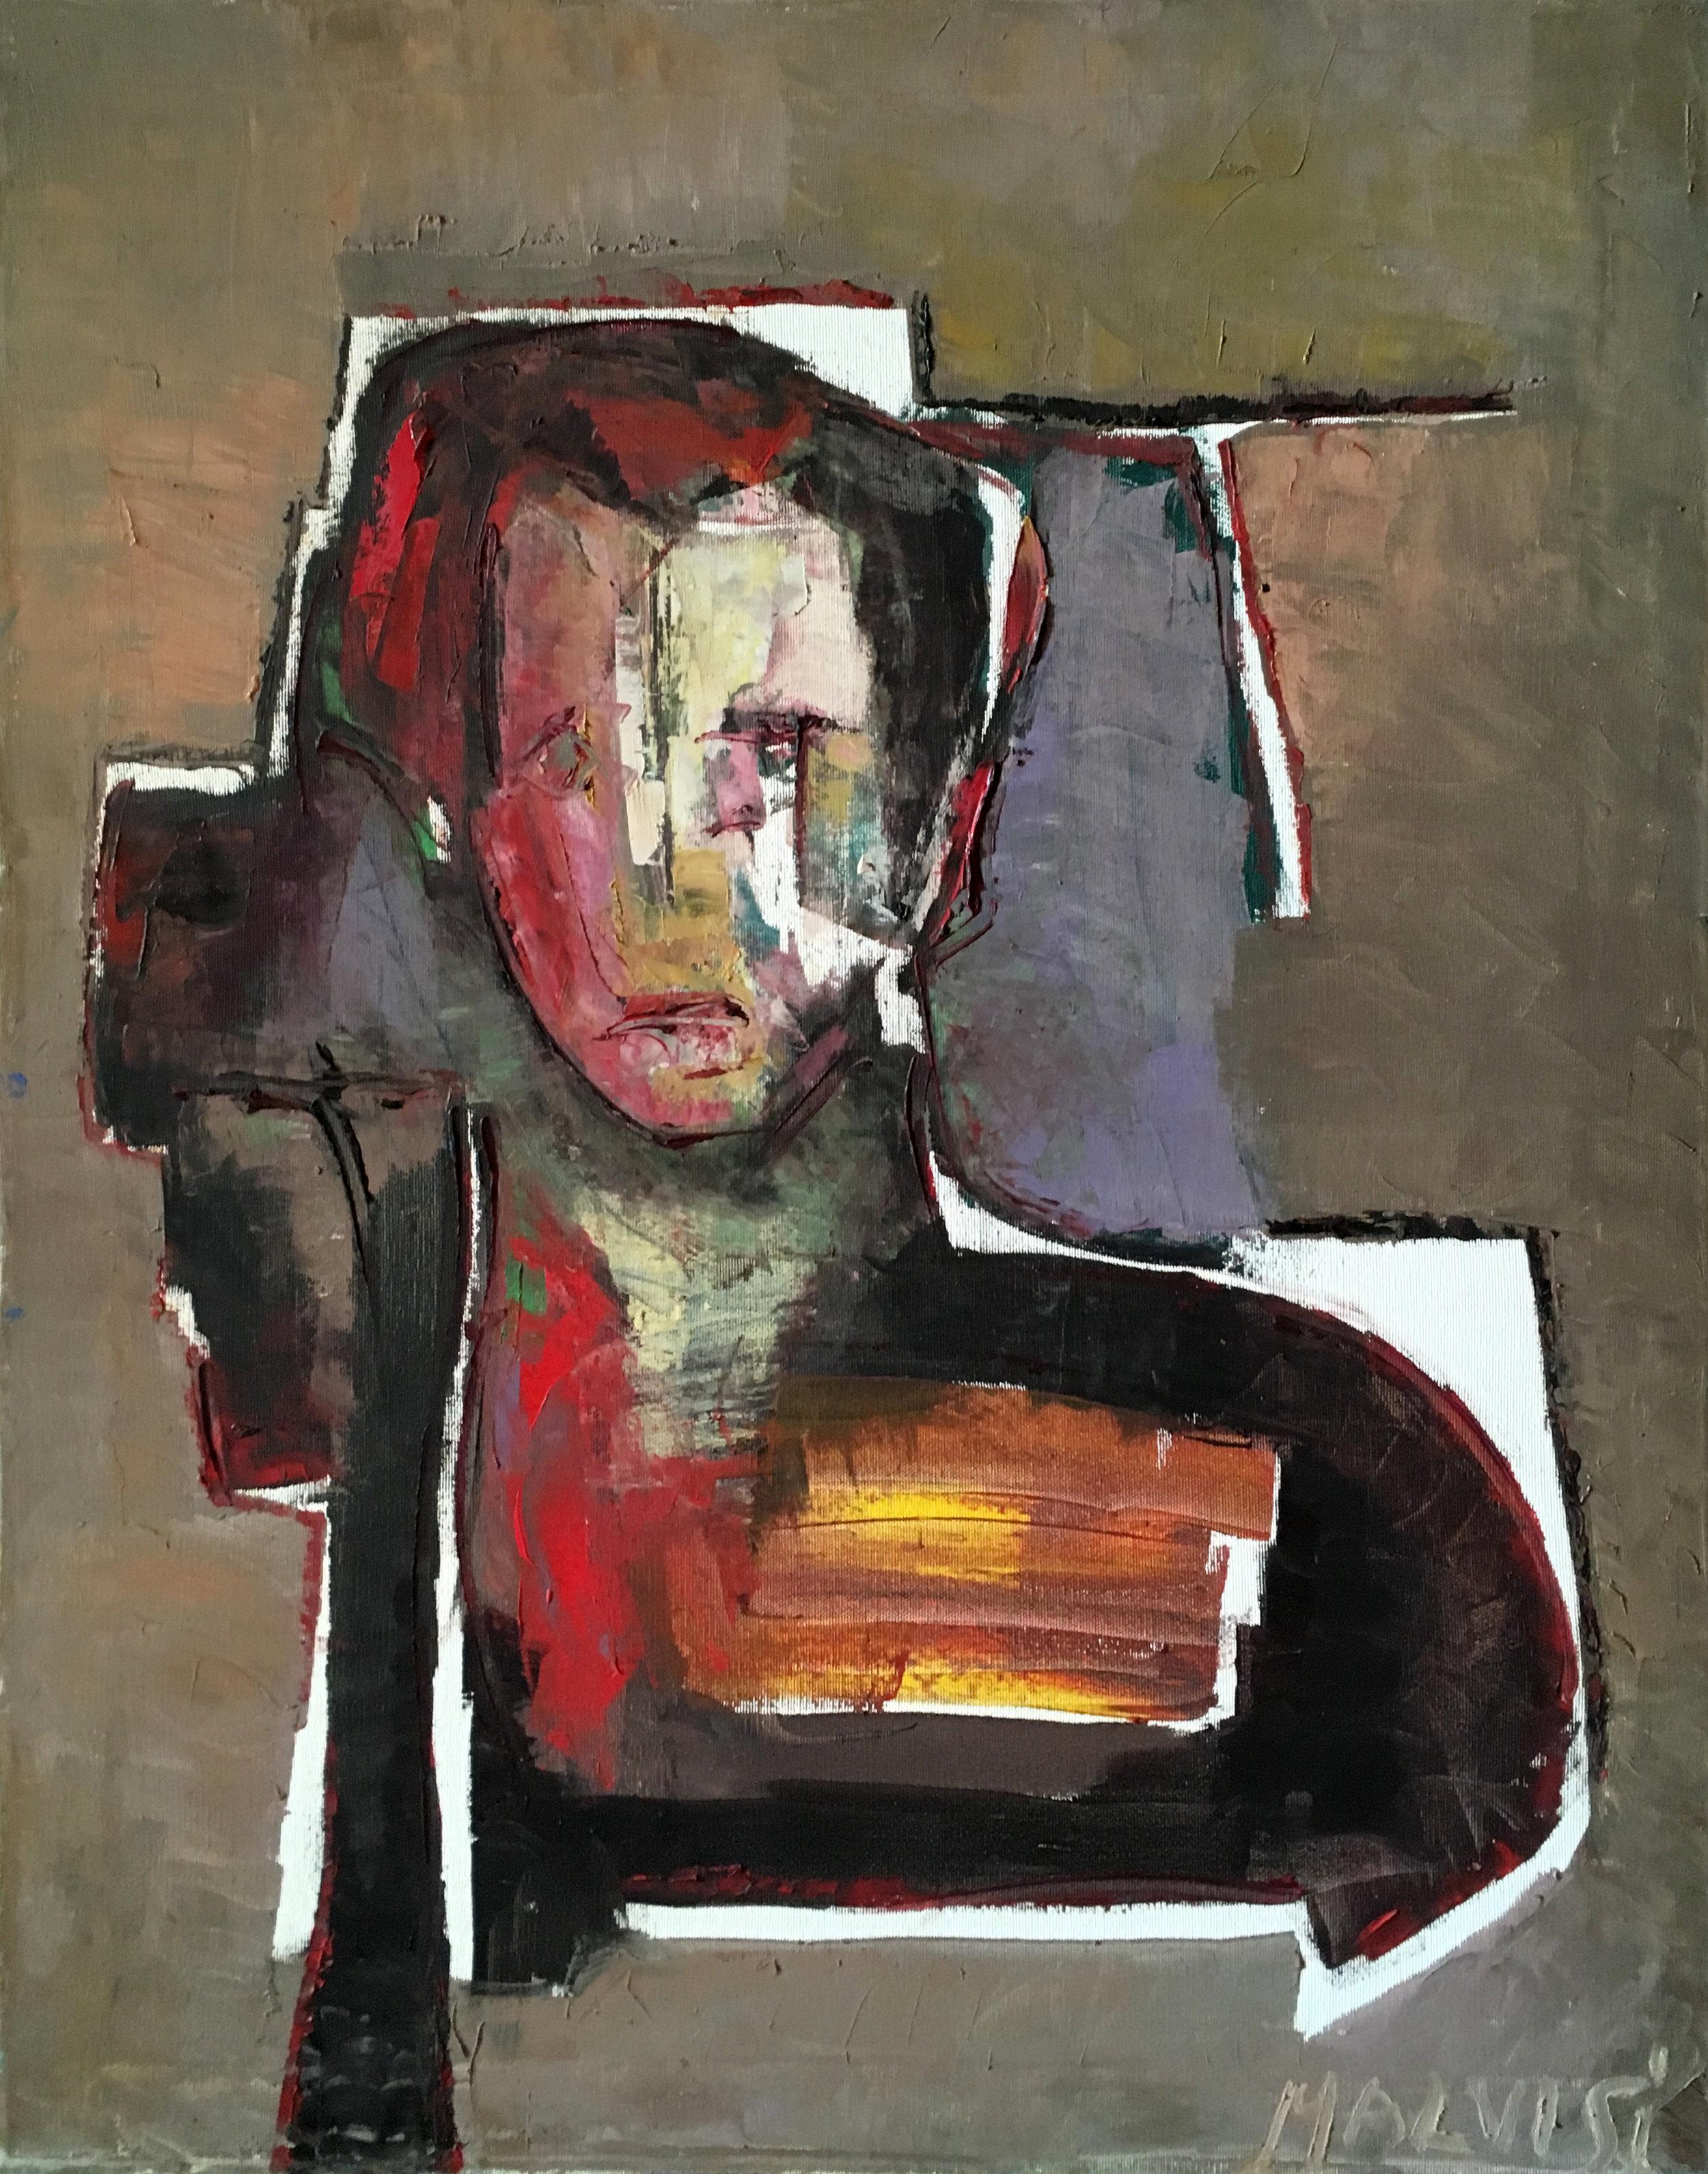 <b>Self-portrait</b><br> 1982 Oil on canvas <br> cm 60 x 80